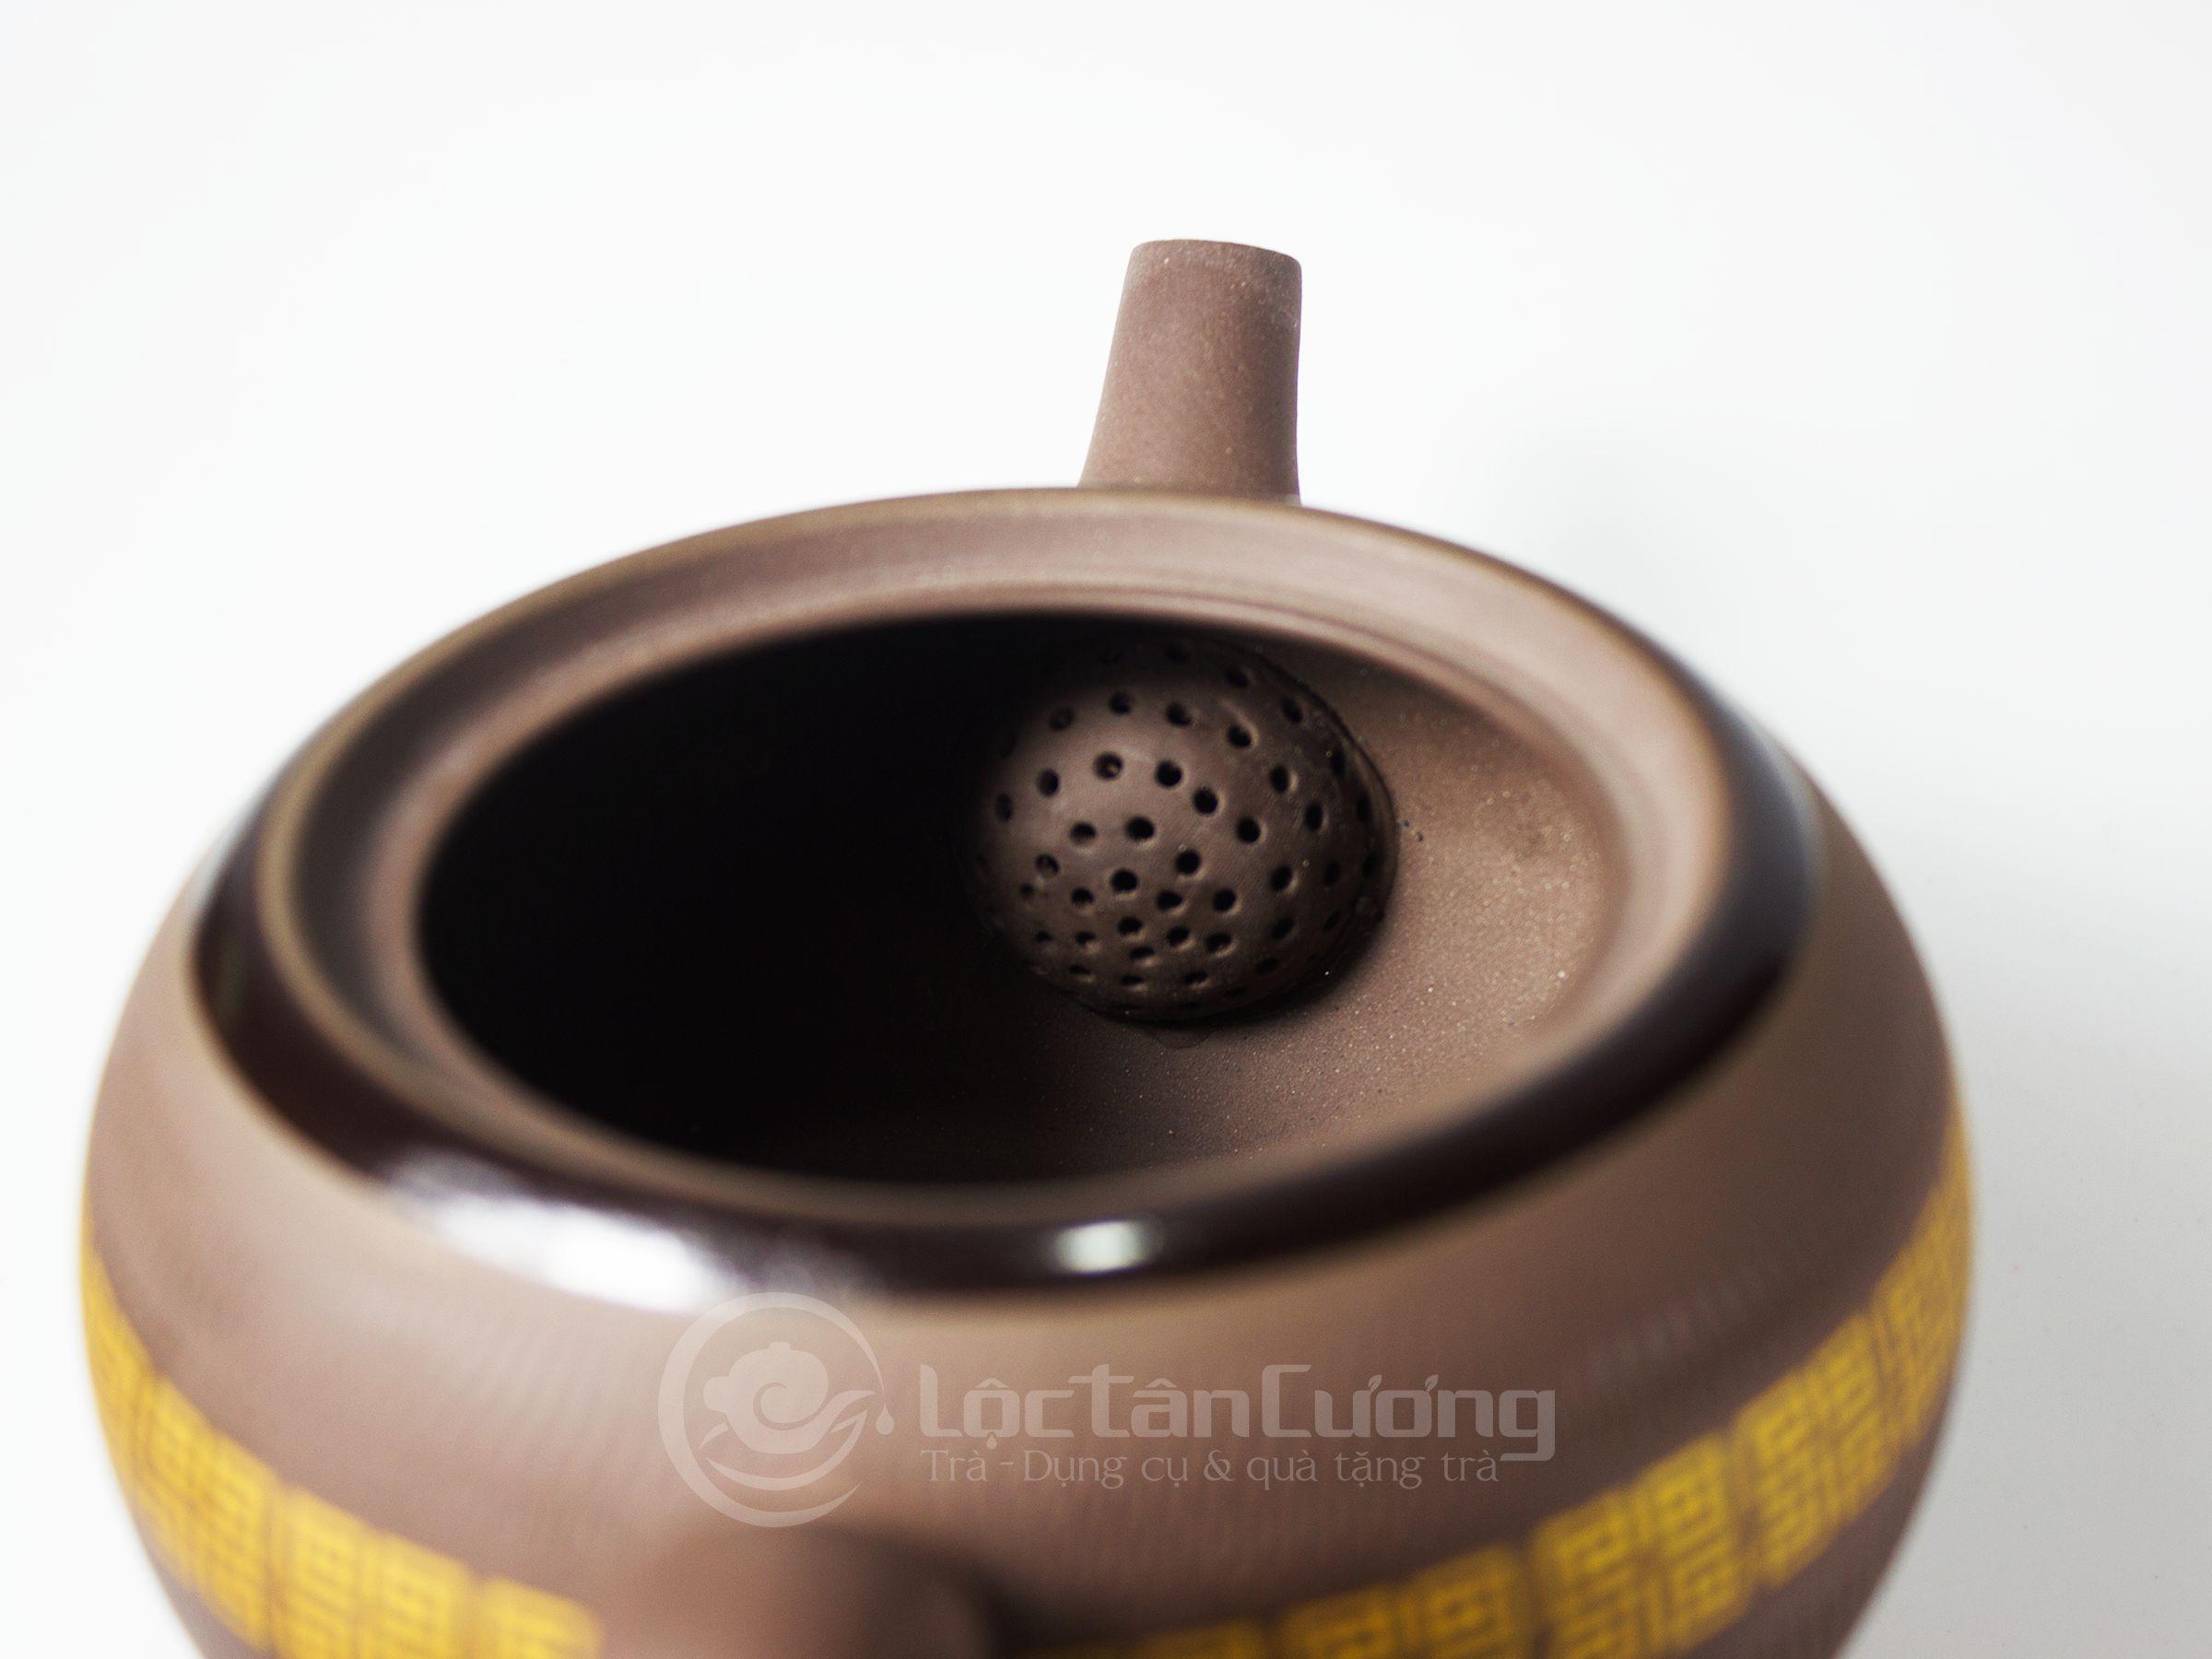 Lỗ thoát nước dáng tổ ong để nước chảy nhanh, mạnh hơn và lọc trà tốt hơn